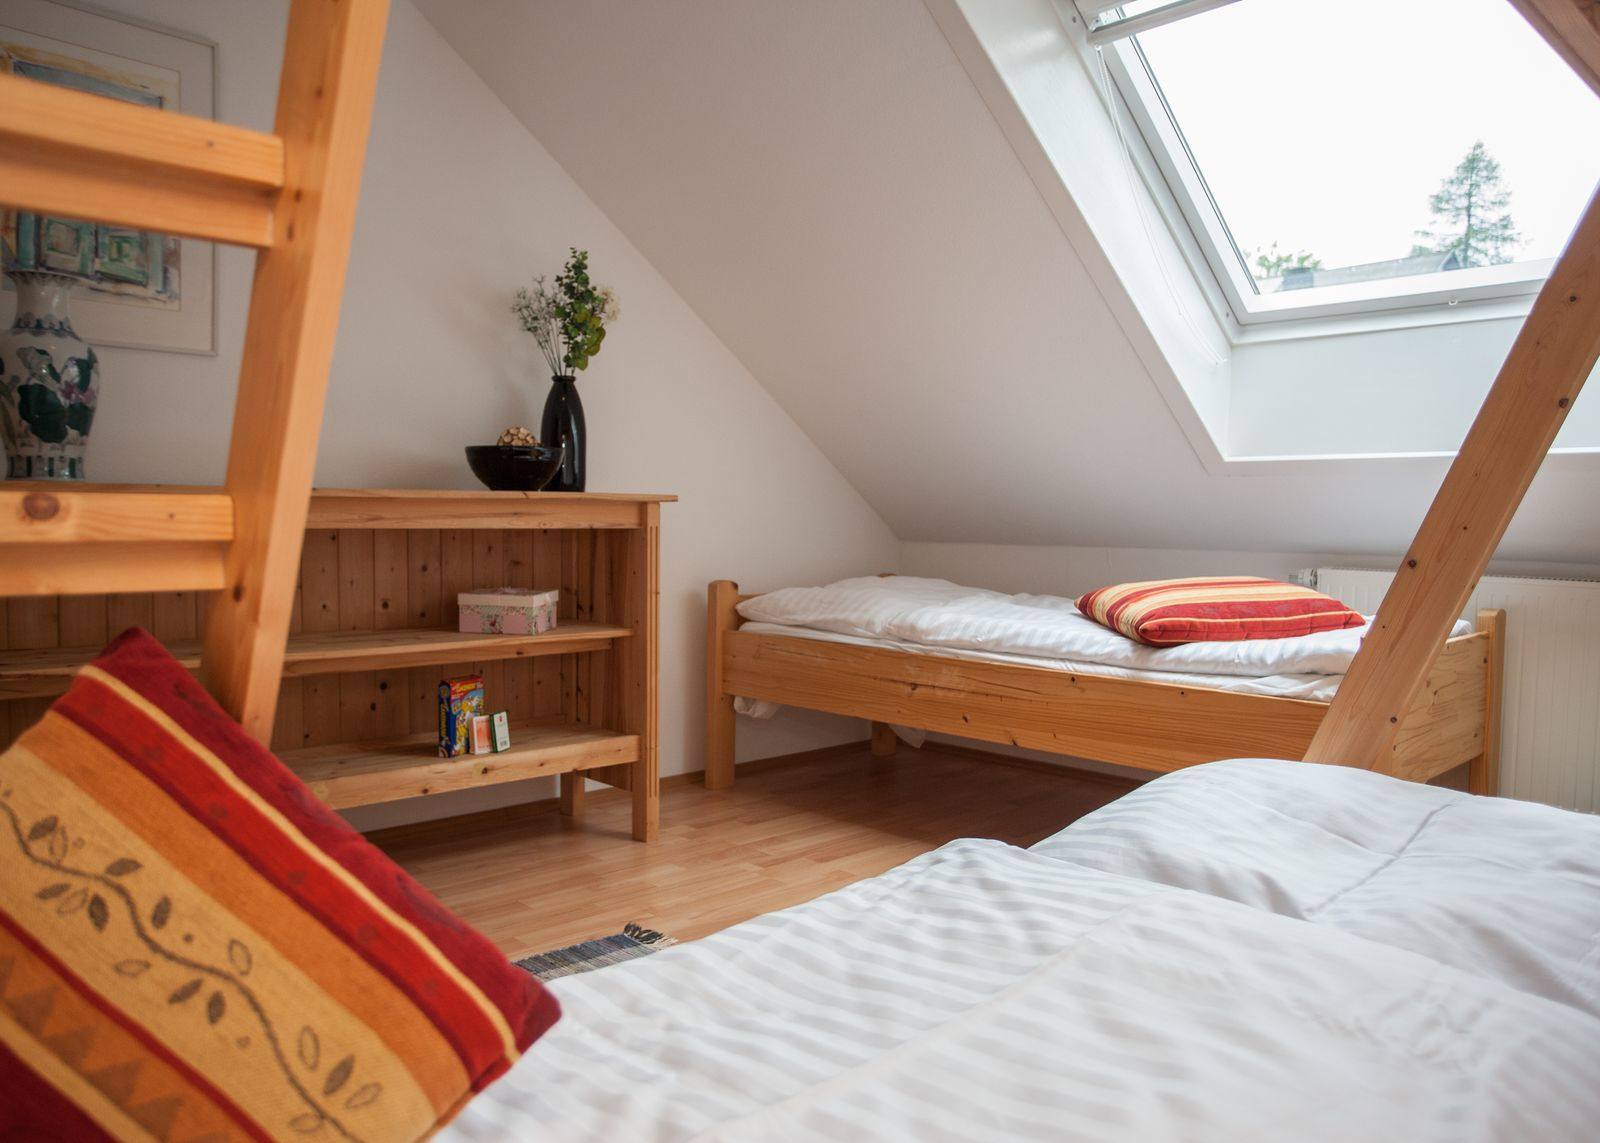 Ferienwohnung Auf 'm Kampe 49-B | Neuastenberg